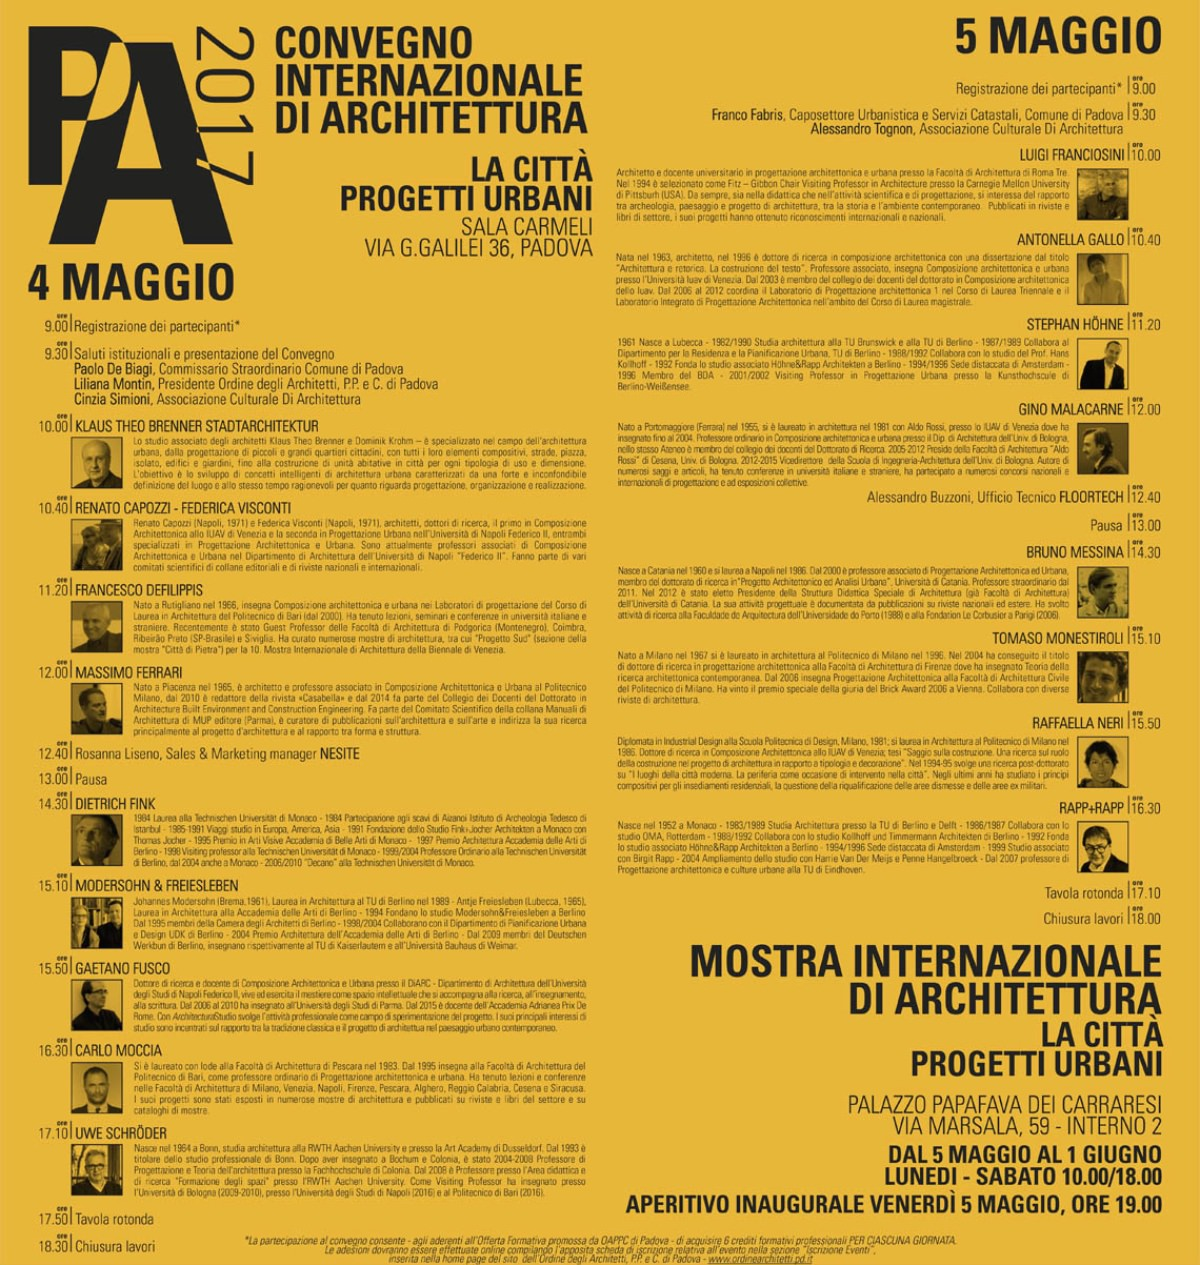 La città. Progetti urbani Padova 2017